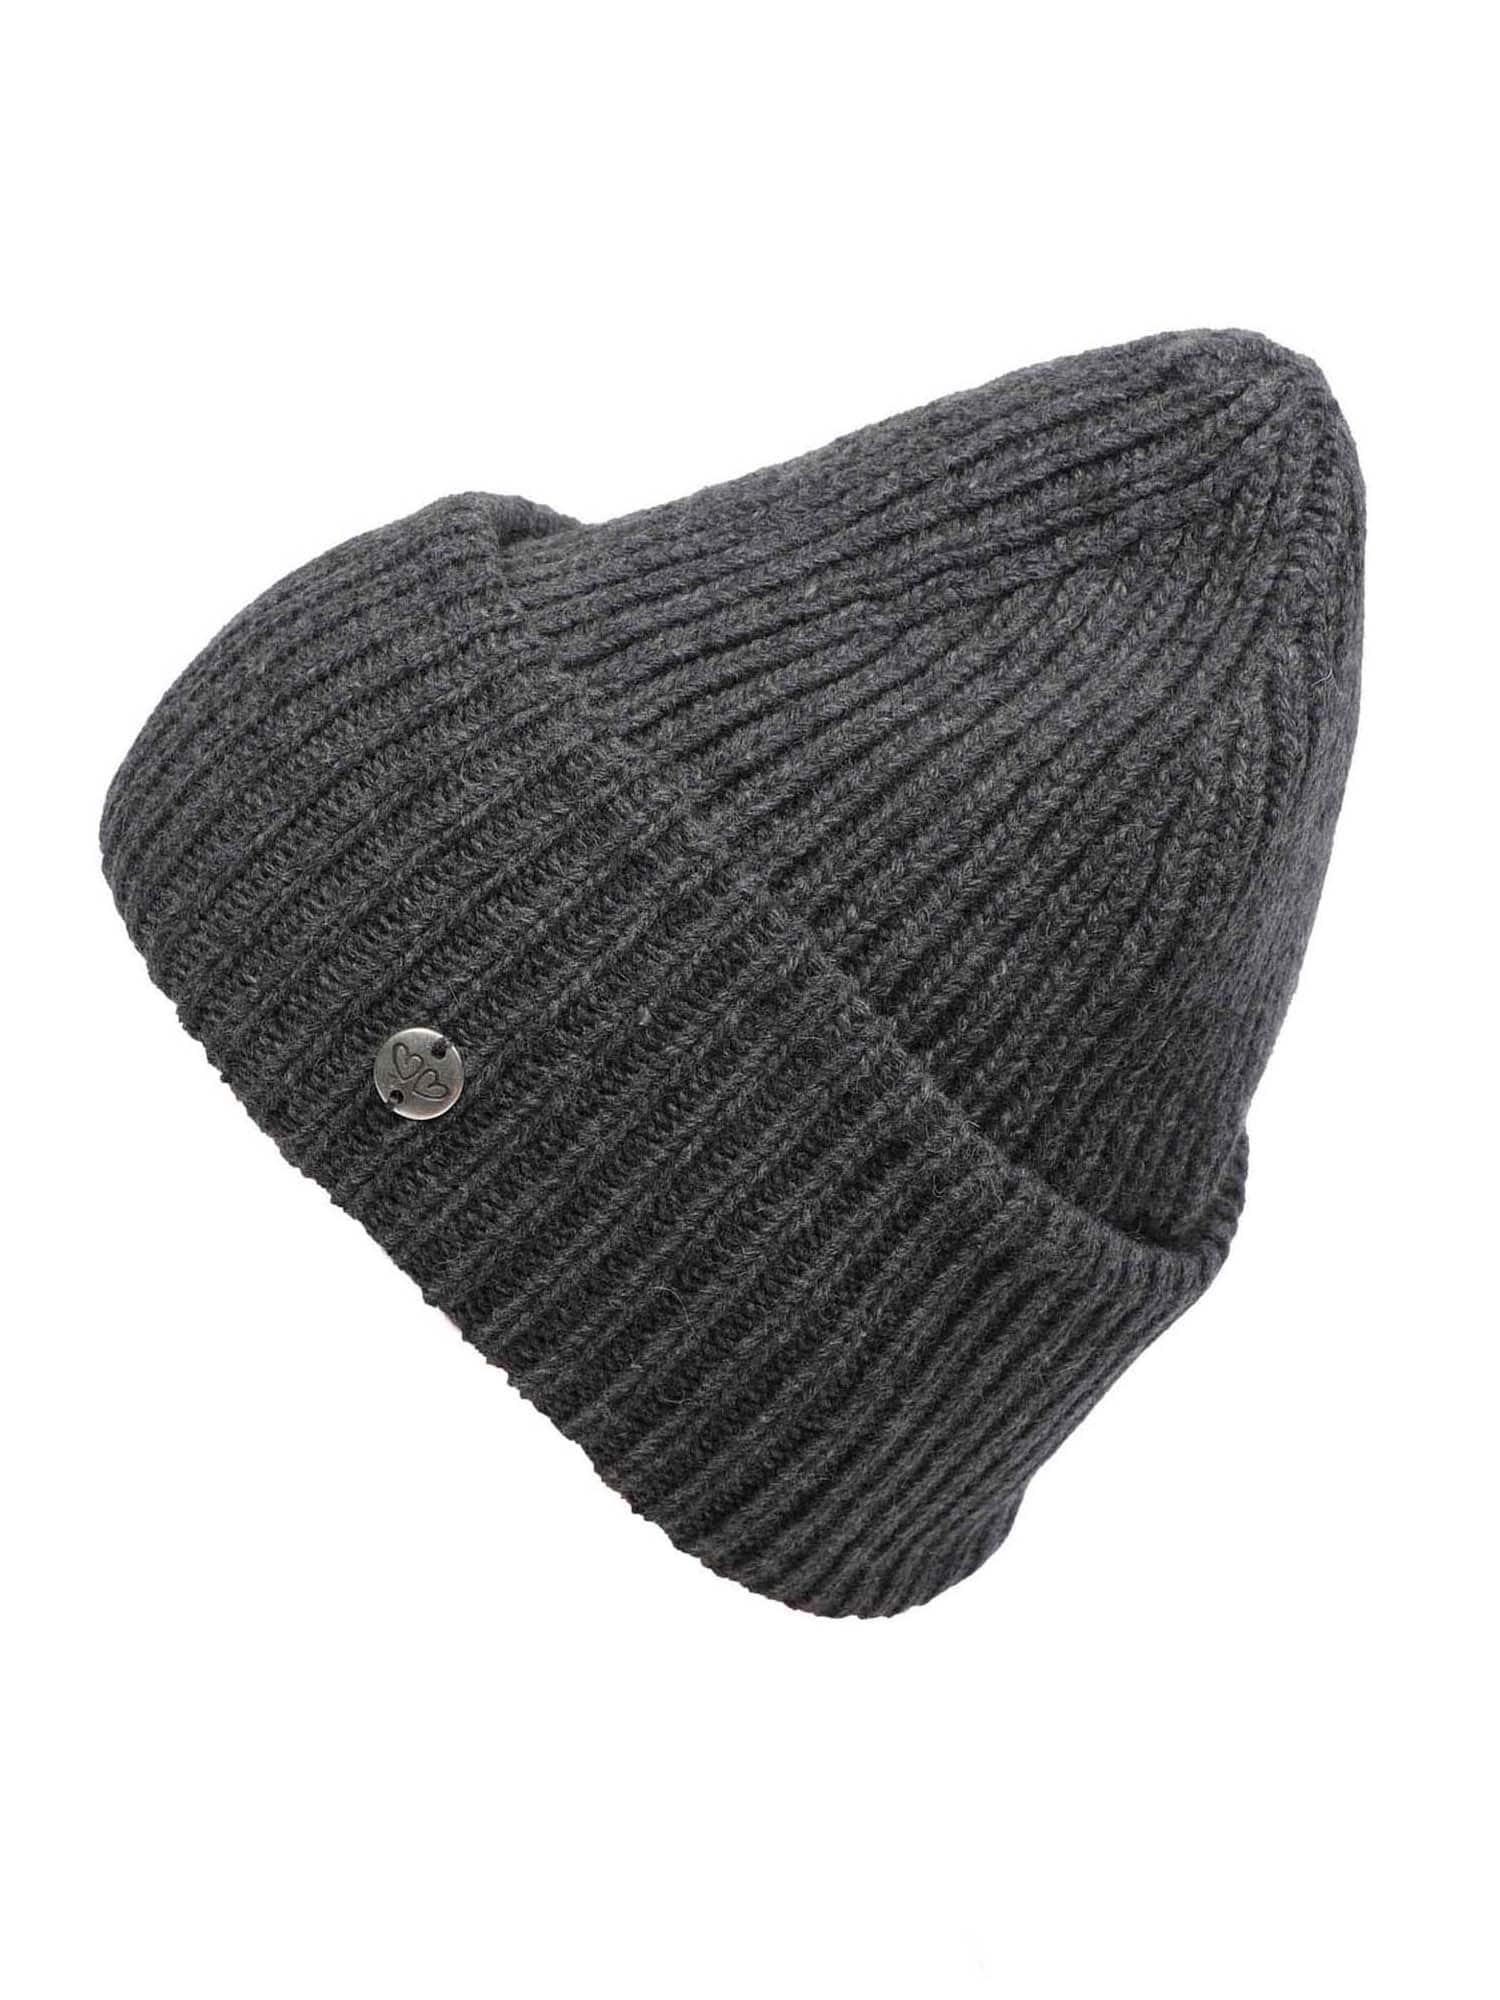 Zwillingsherz Megzta kepurė antracito